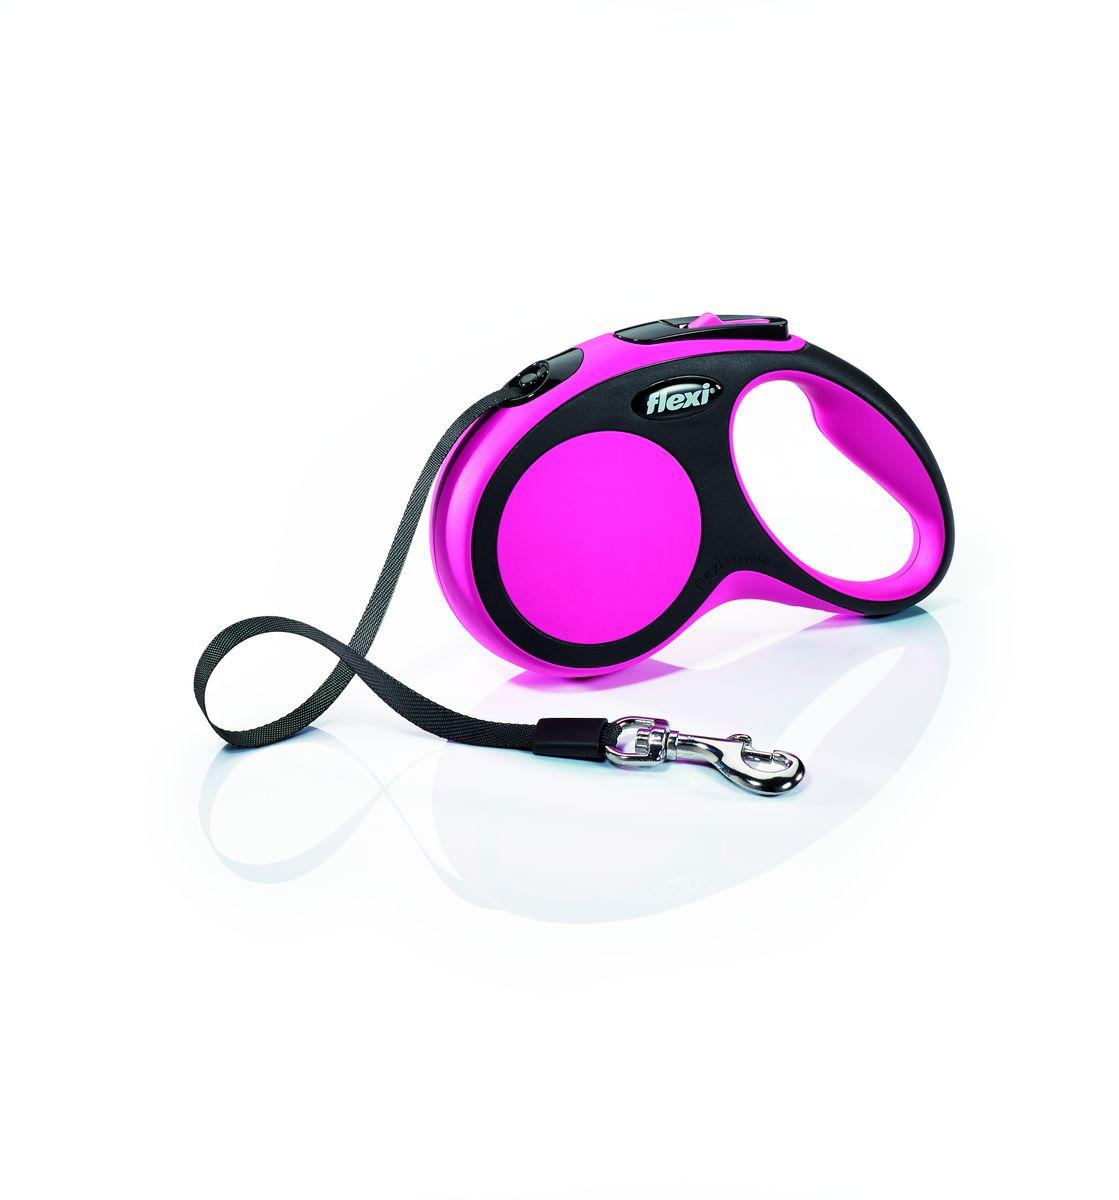 Поводок-рулетка Flexi New Comfort S, лента, для собак весом до 15 кг, цвет: черный, розовый, 5 м28117Ленточный поводок-рулетка обеспечивает собаке свободу движения, что идет на пользу здоровью и радует Вашего четвероногого друга. Рулетка очень проста в использовании. Оснащена кнопками кратковременной и постоянной фиксации. Рулетку можно оснастить - мультибоксом для лакомств или пакетиков для сбора фекалий, LED подсветкой корпуса.Прочный корпус, хромированная застежка и светоотражающие элементы.Лента поводка автоматически сматывается и поводок в процессе использования не провисает, не касается грунта и таким образом не пачкается и не перетирается. Поводок не нужно подбирать руками когда питомец подошел ближе, таким образом Ваши руки всегда чистые. Максимальный вес питомца: 15 кг.Длина: 5 м.